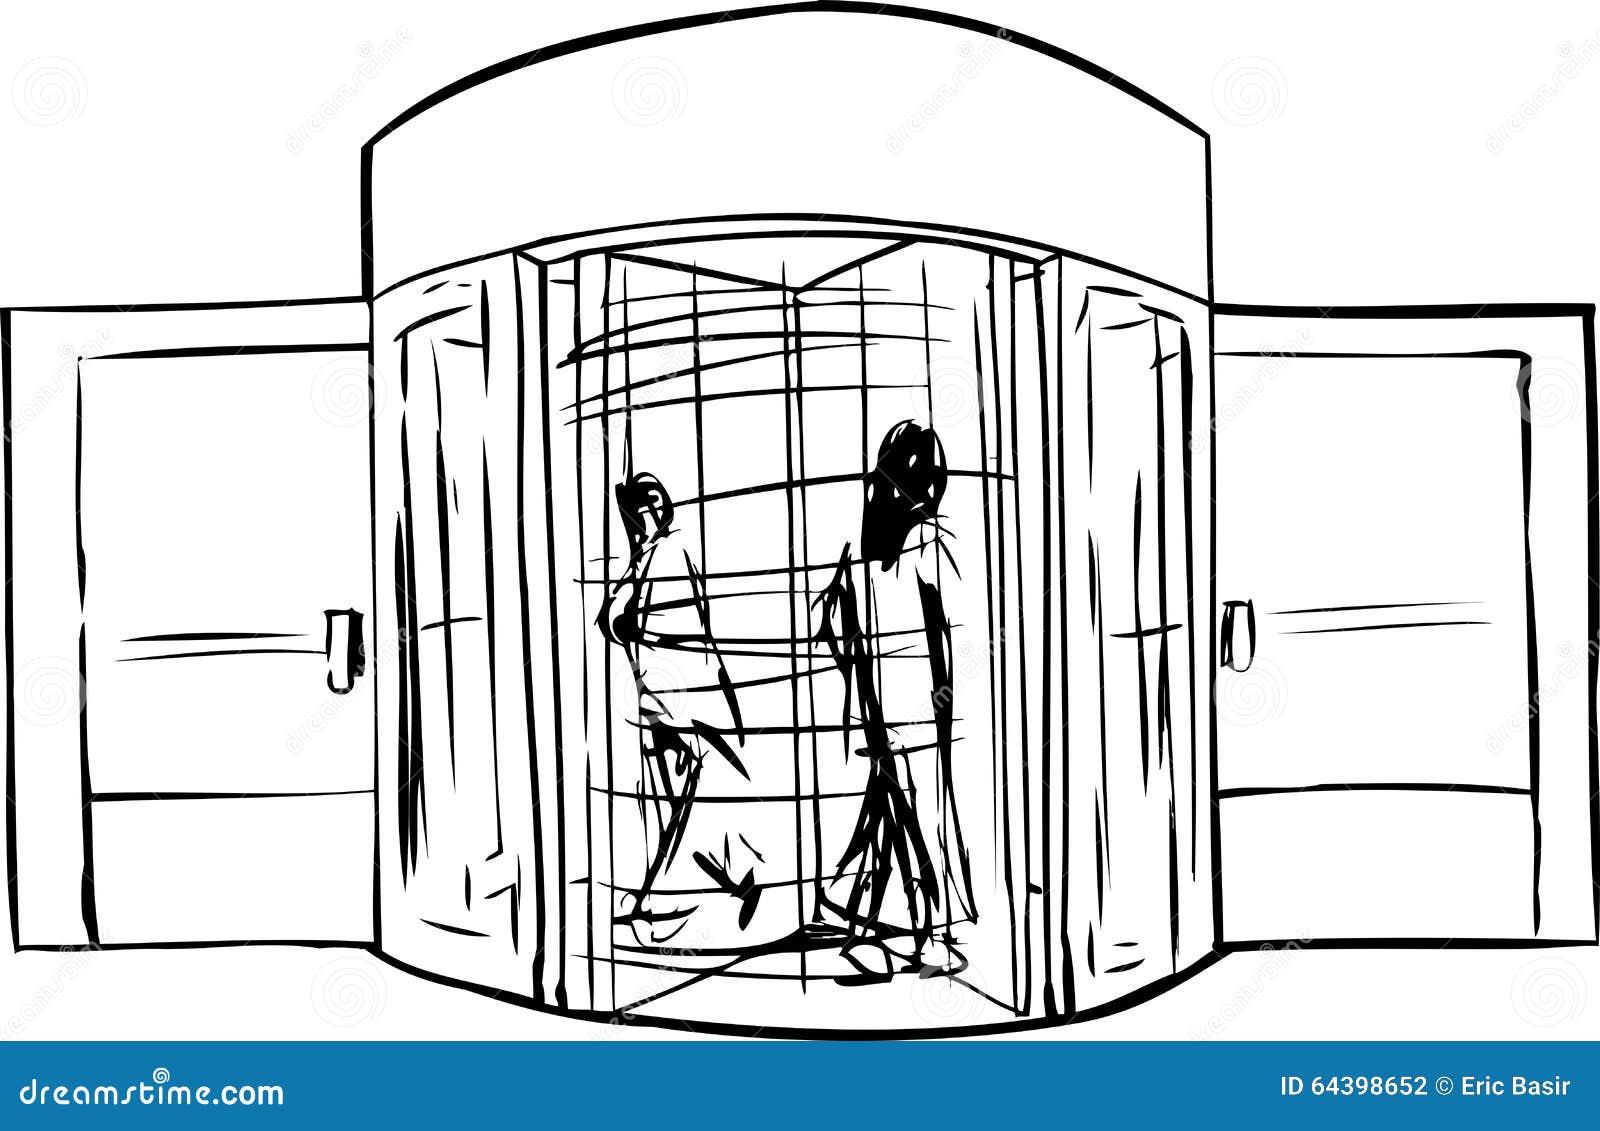 Entwurf von Leuten in rotierendem Eingang